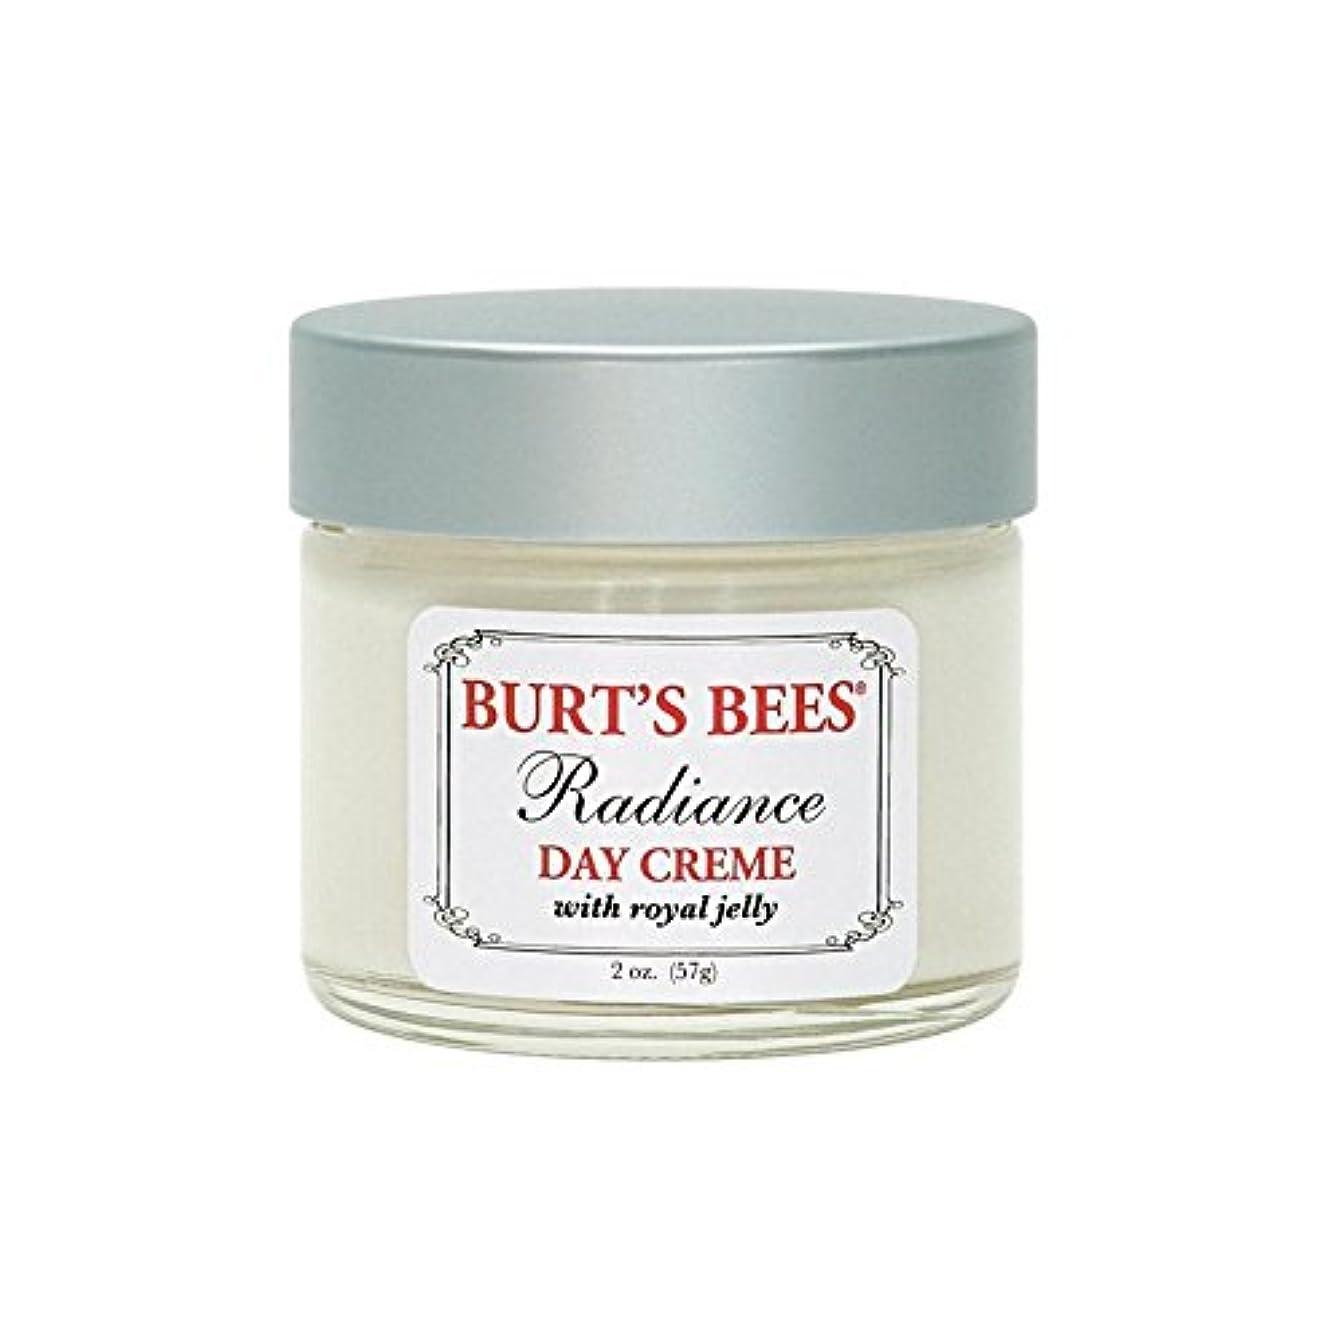 繁雑ズームメアリアンジョーンズBurt's Bees Radiance Day Creme (57G) - バーツビー放射輝度デイクリーム(57グラム) [並行輸入品]